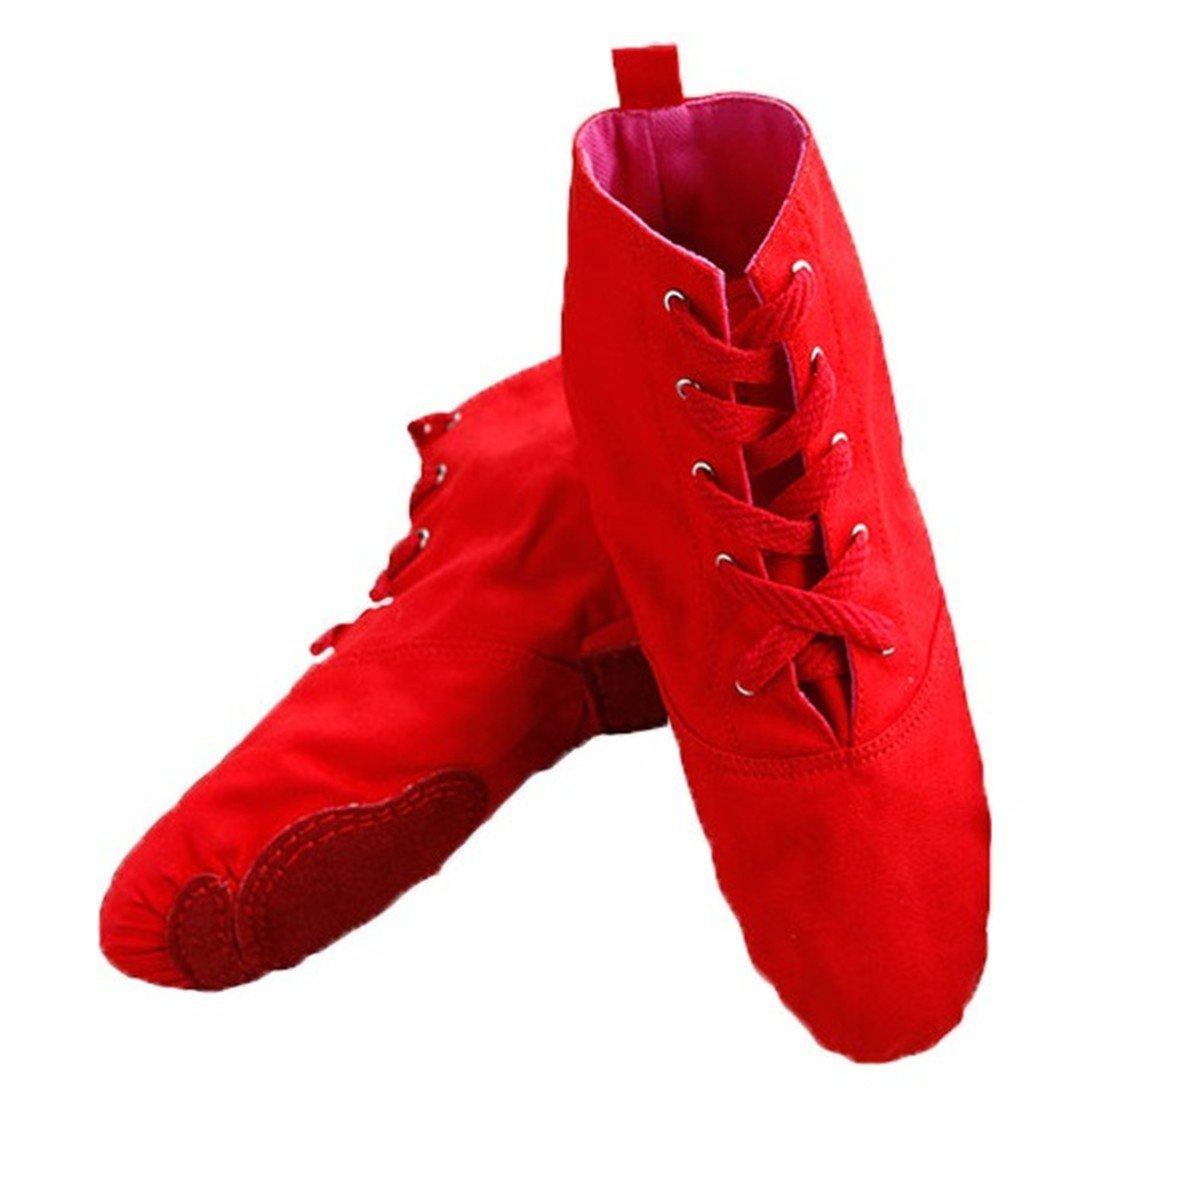 Wxmddn Zapatos de Danza Alto-Top de Lona con Cordones de los Zapatos de Jazz Suave Zapatos de Baile de Jazz Adulto Inferiores practican Botas de los Zapatos de Interior